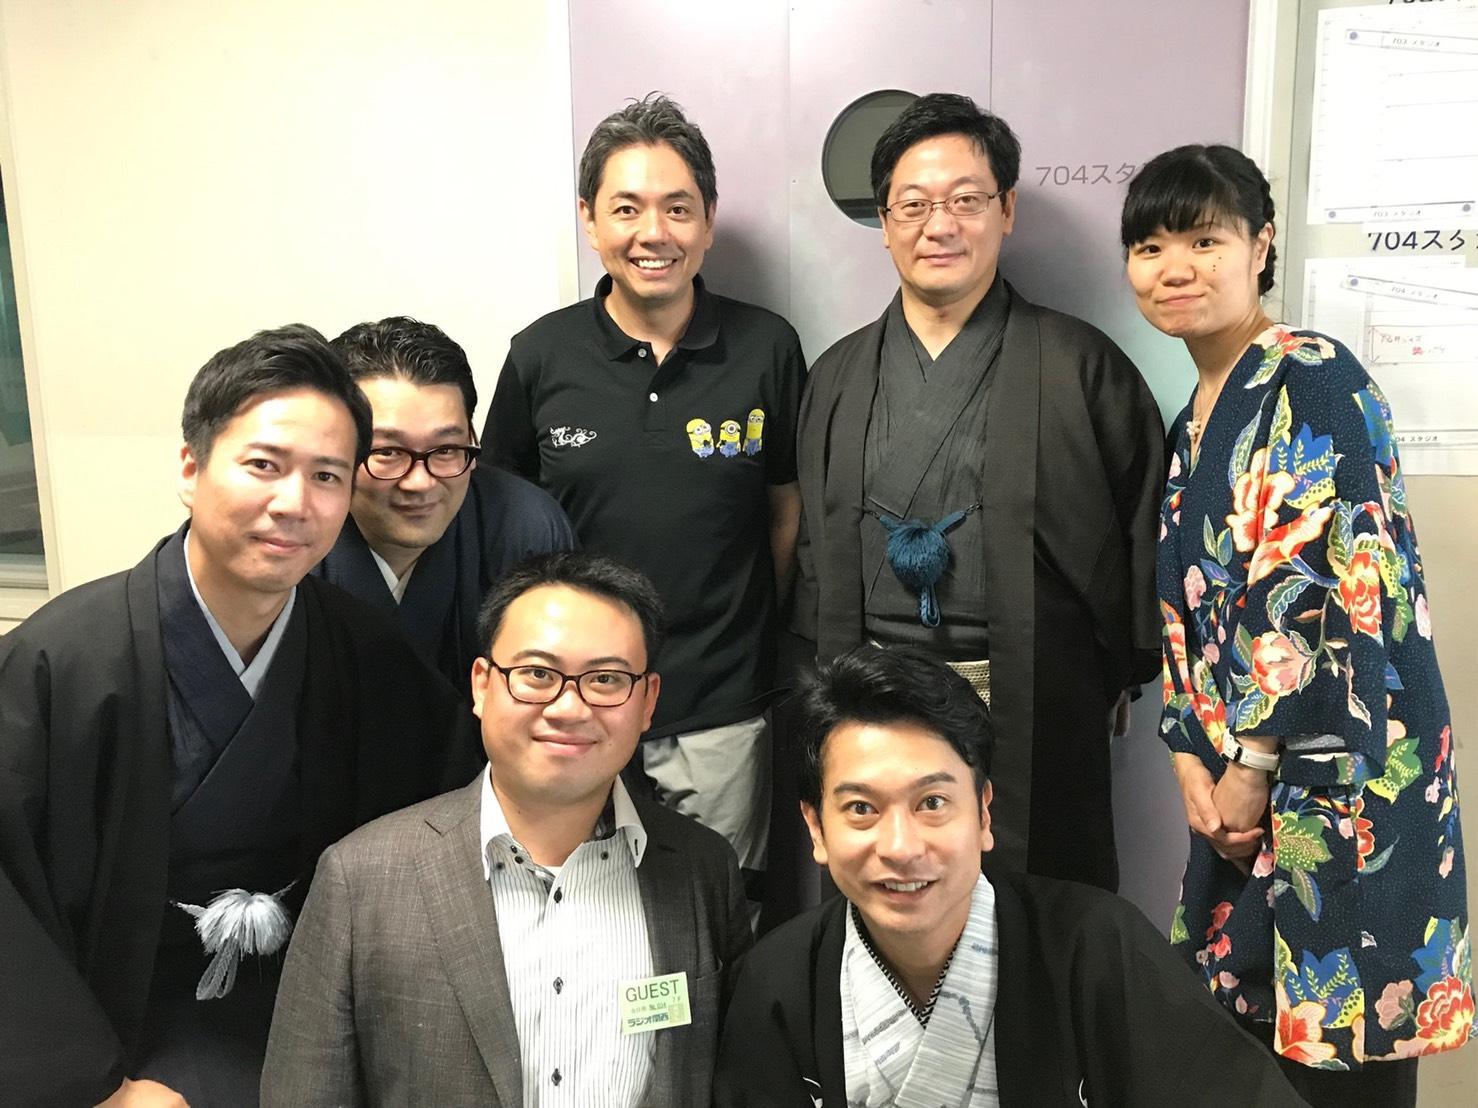 ラジオ関西『桂春蝶のちょうちょ結び』出演